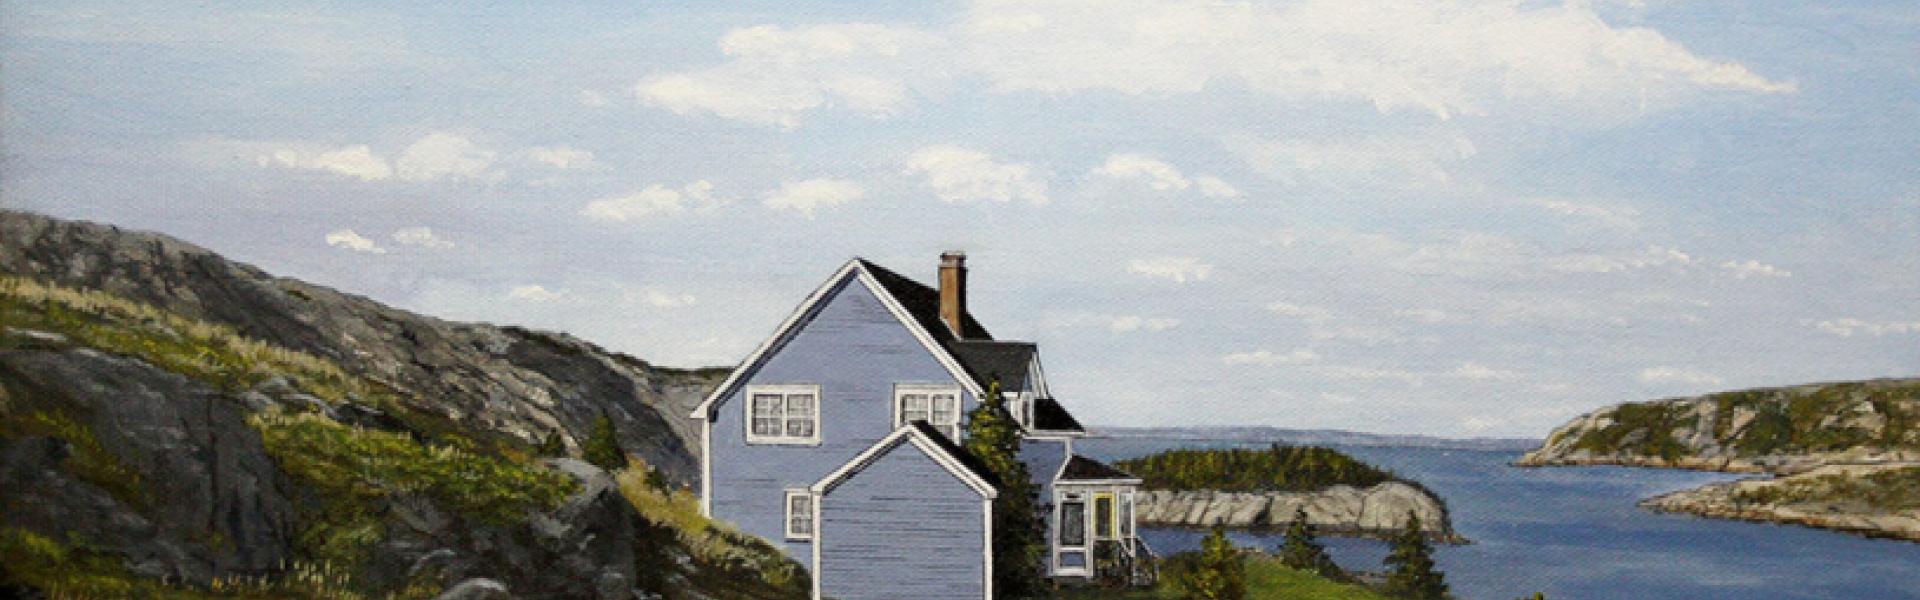 banner_Steele-House-Brigus.20210530115054.jpg